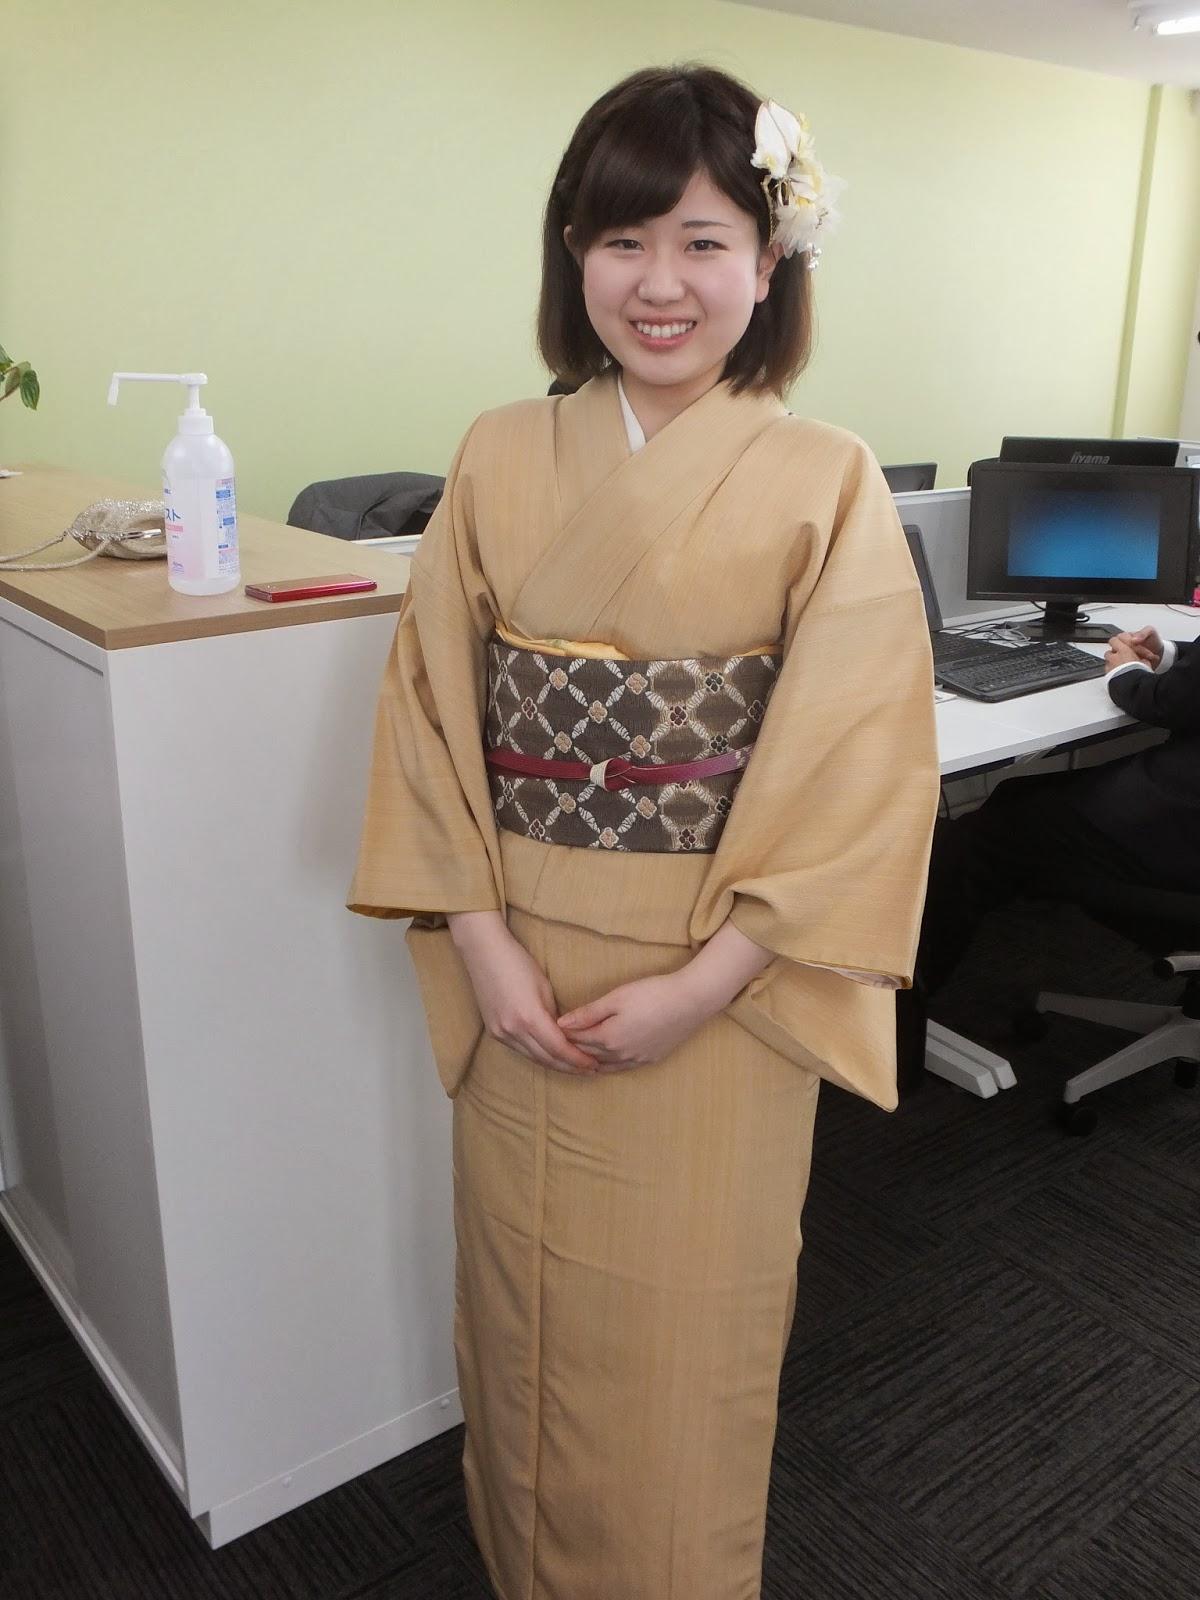 こちらの着物は爽やかなくちなし色が清楚で可愛らしい笑顔にぴったりのお着物です